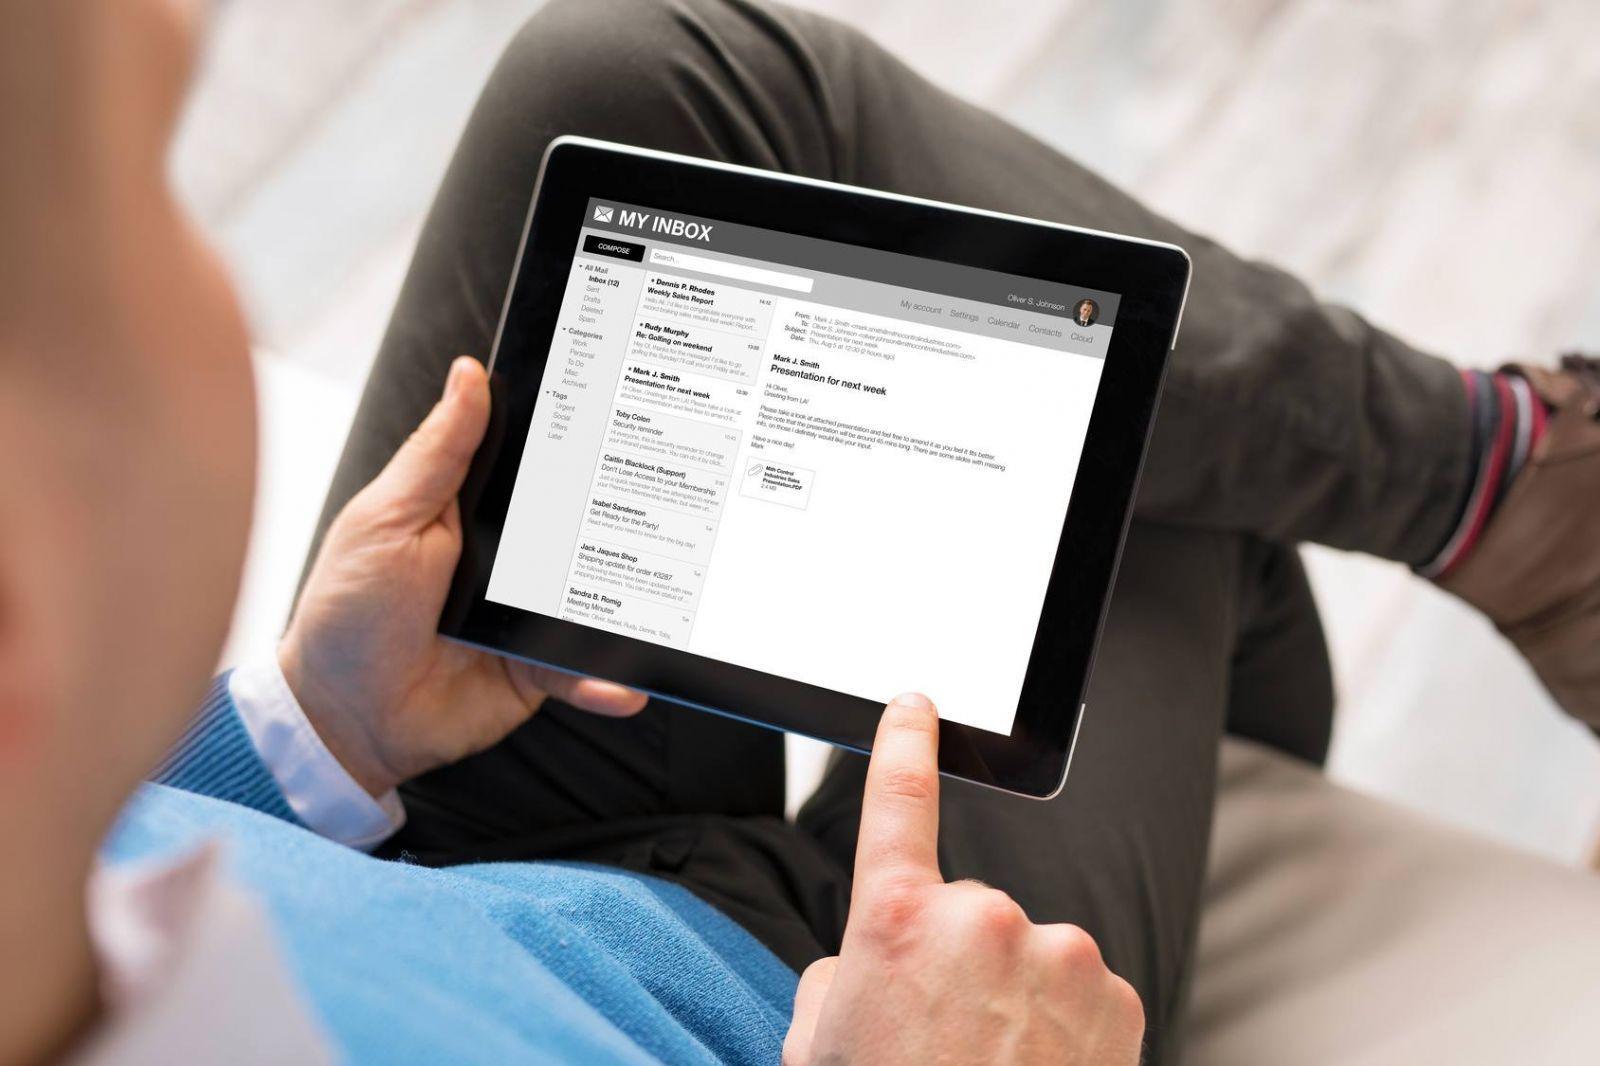 E-Posta Kurulumu / Android ve İPhone Cihazlarda E-Posta Nasıl Kurulur?